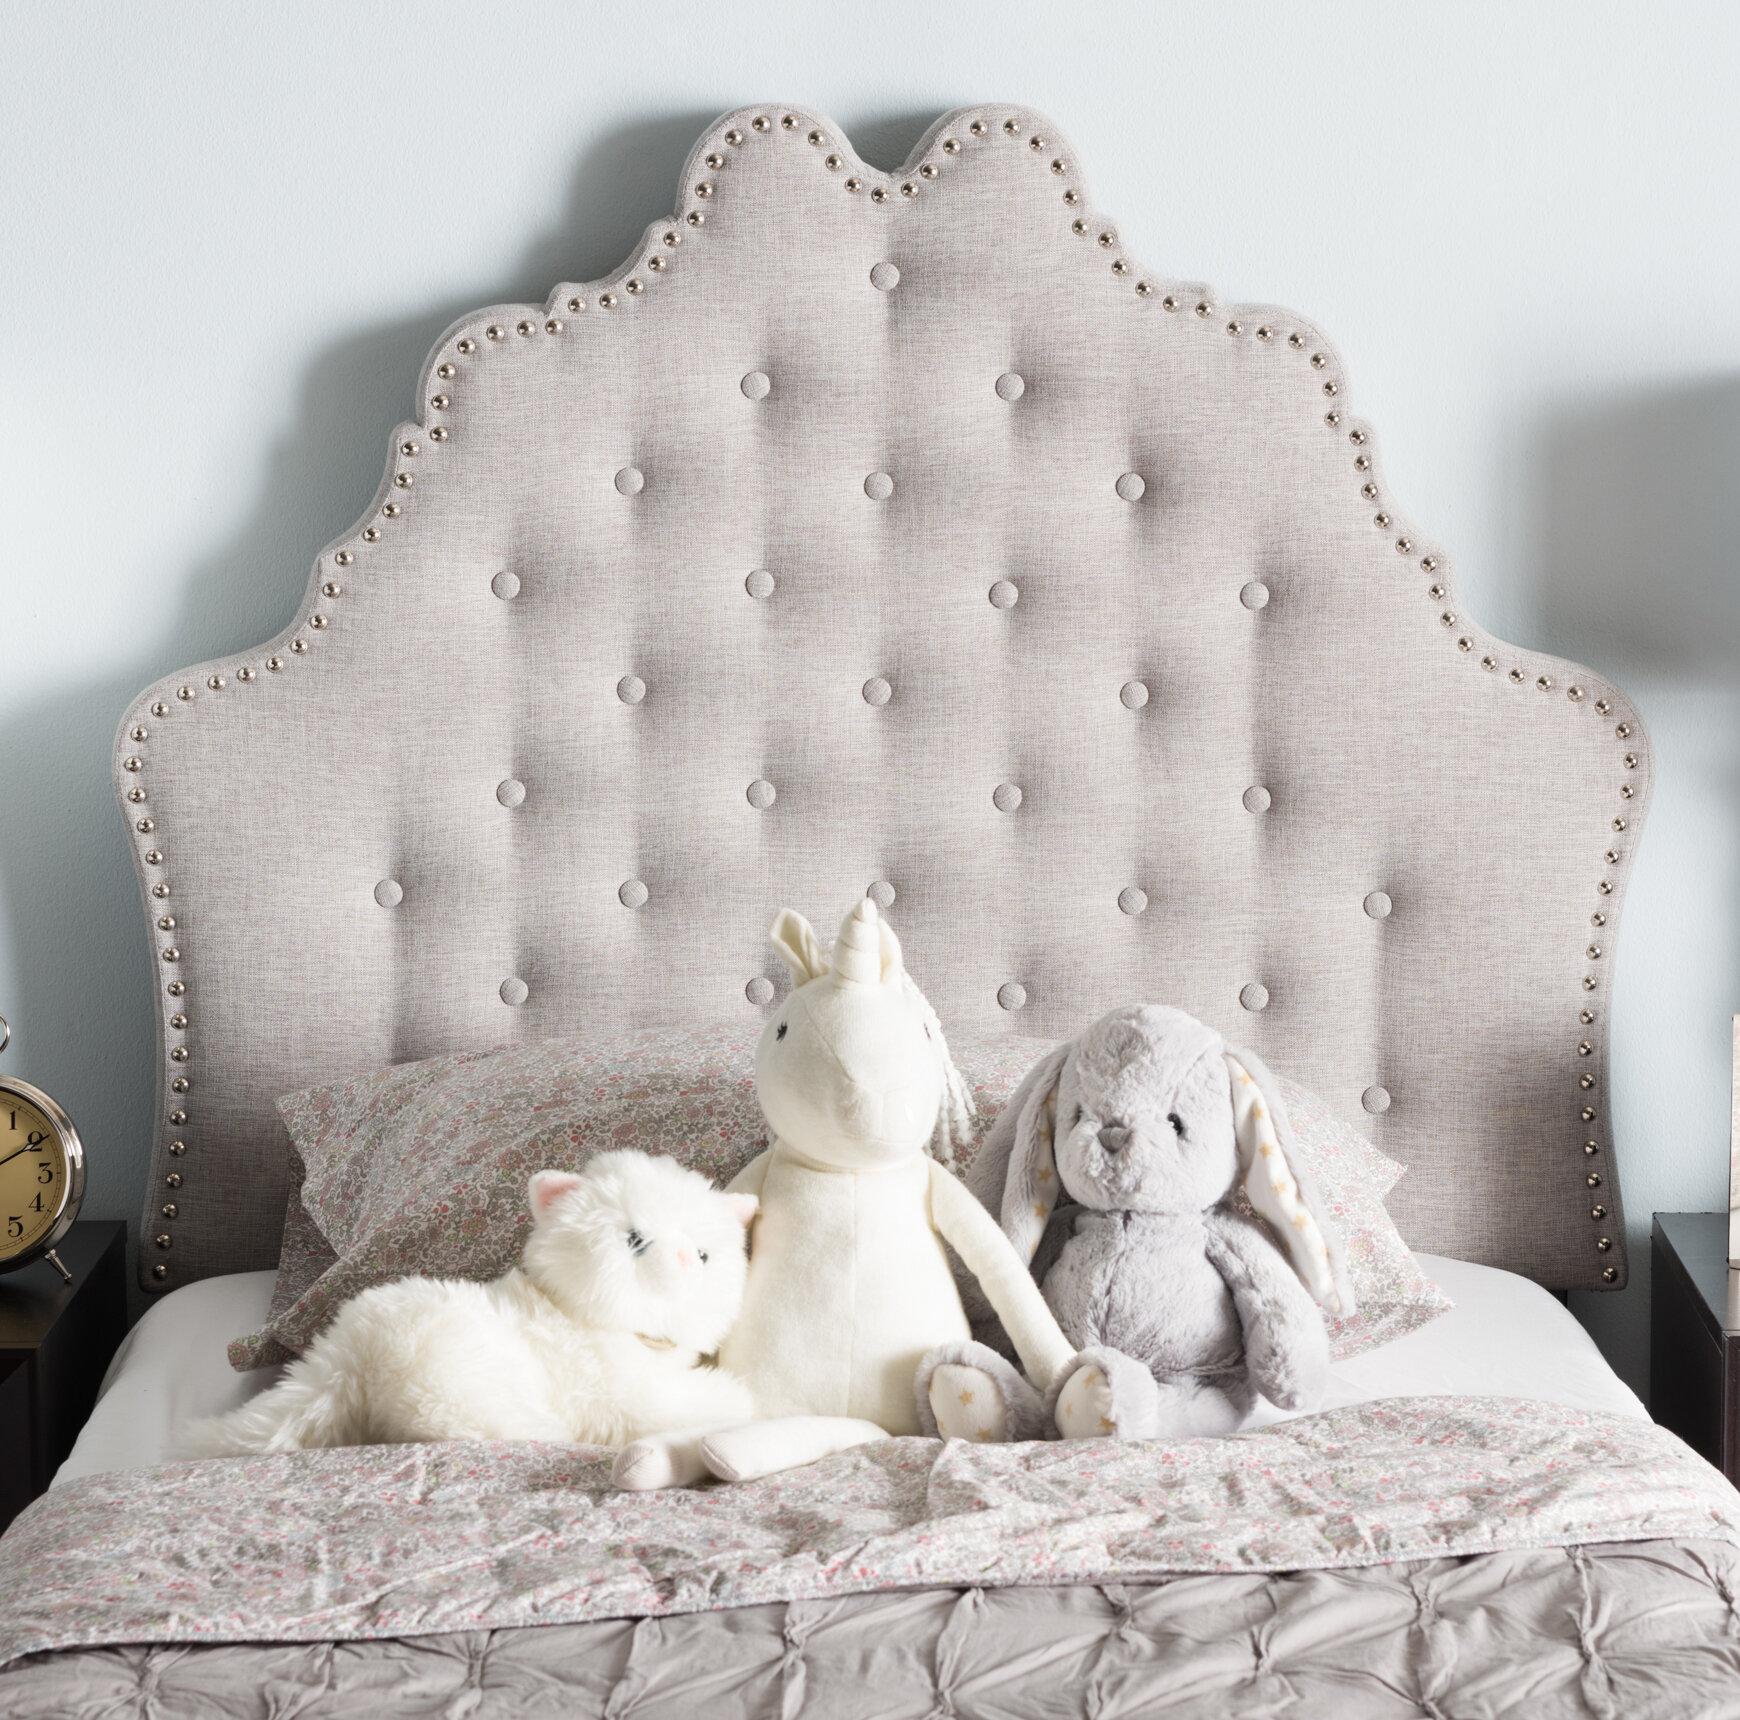 Charlton Home Hopkinsville Upholstered Panel Headboard & Reviews - Wayfair